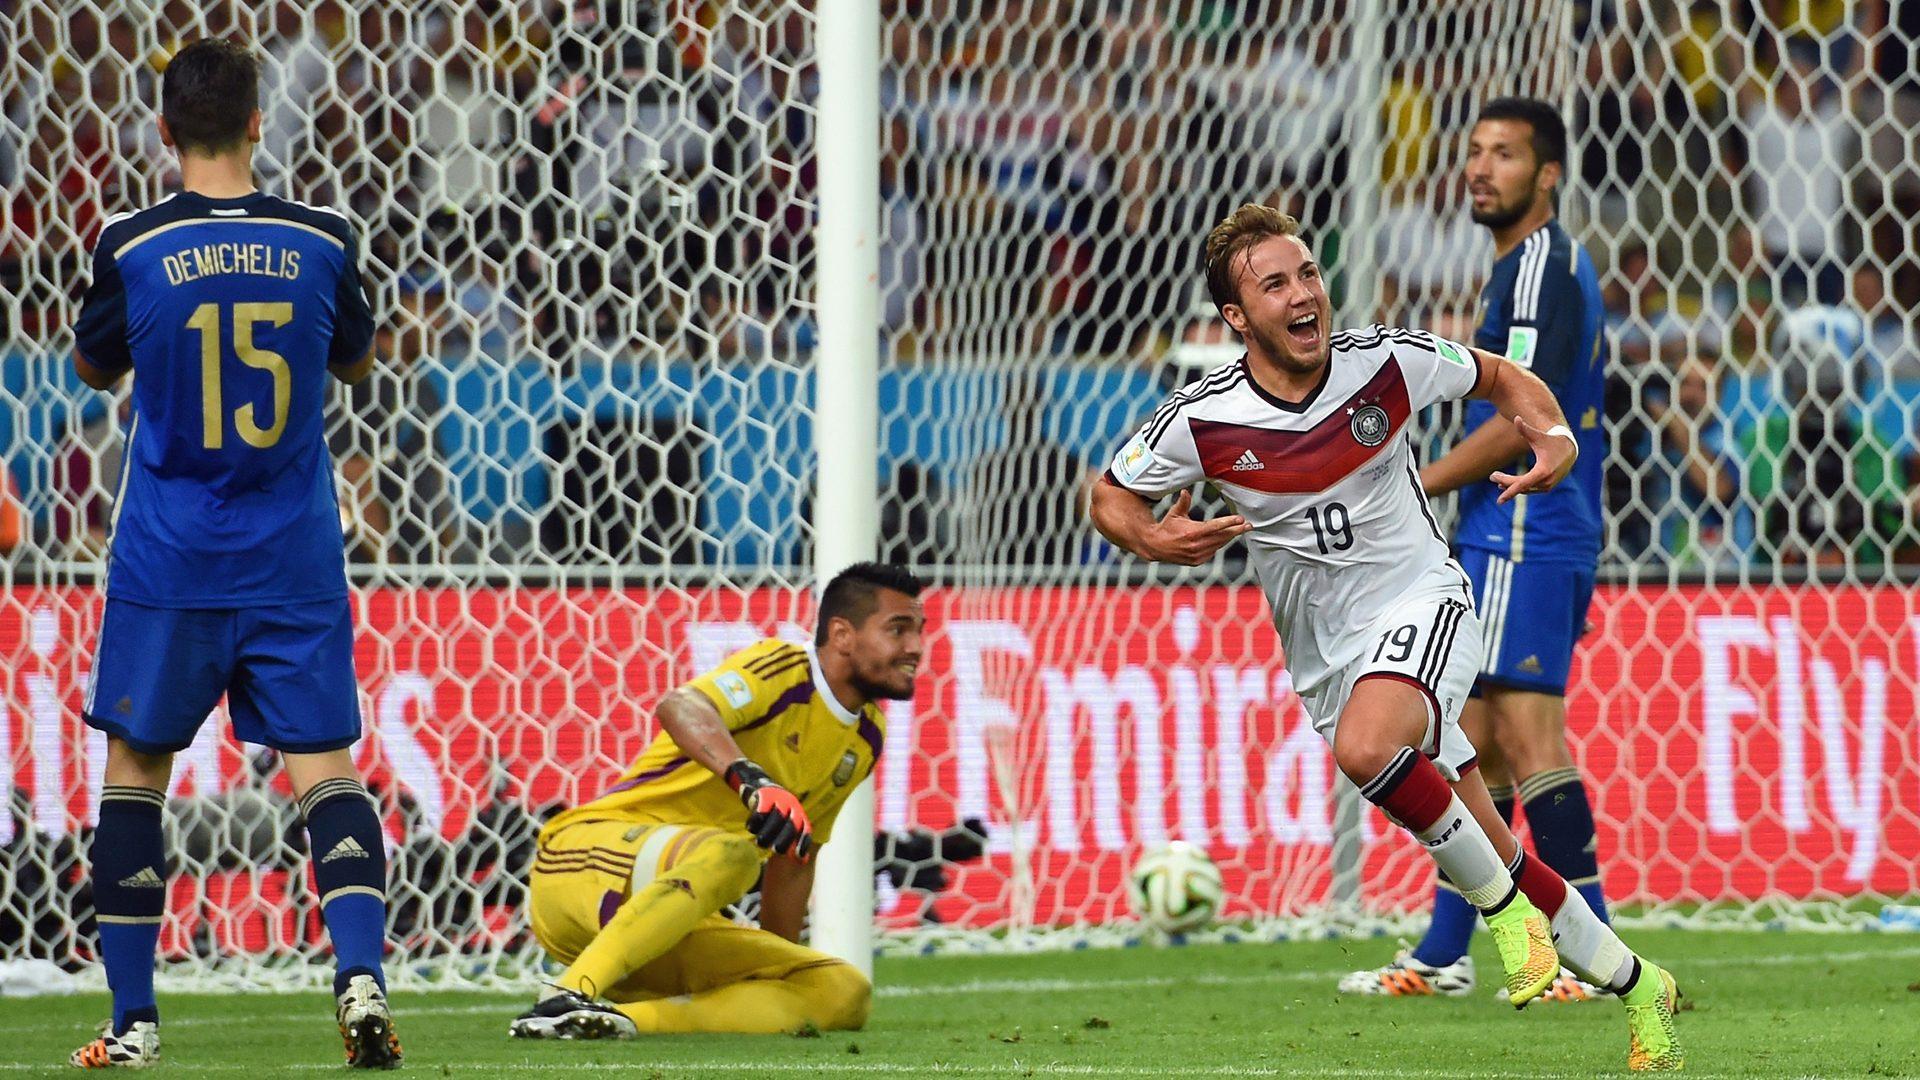 Bundesliga | Germany vs. Argentina: A World Cup Klassiker